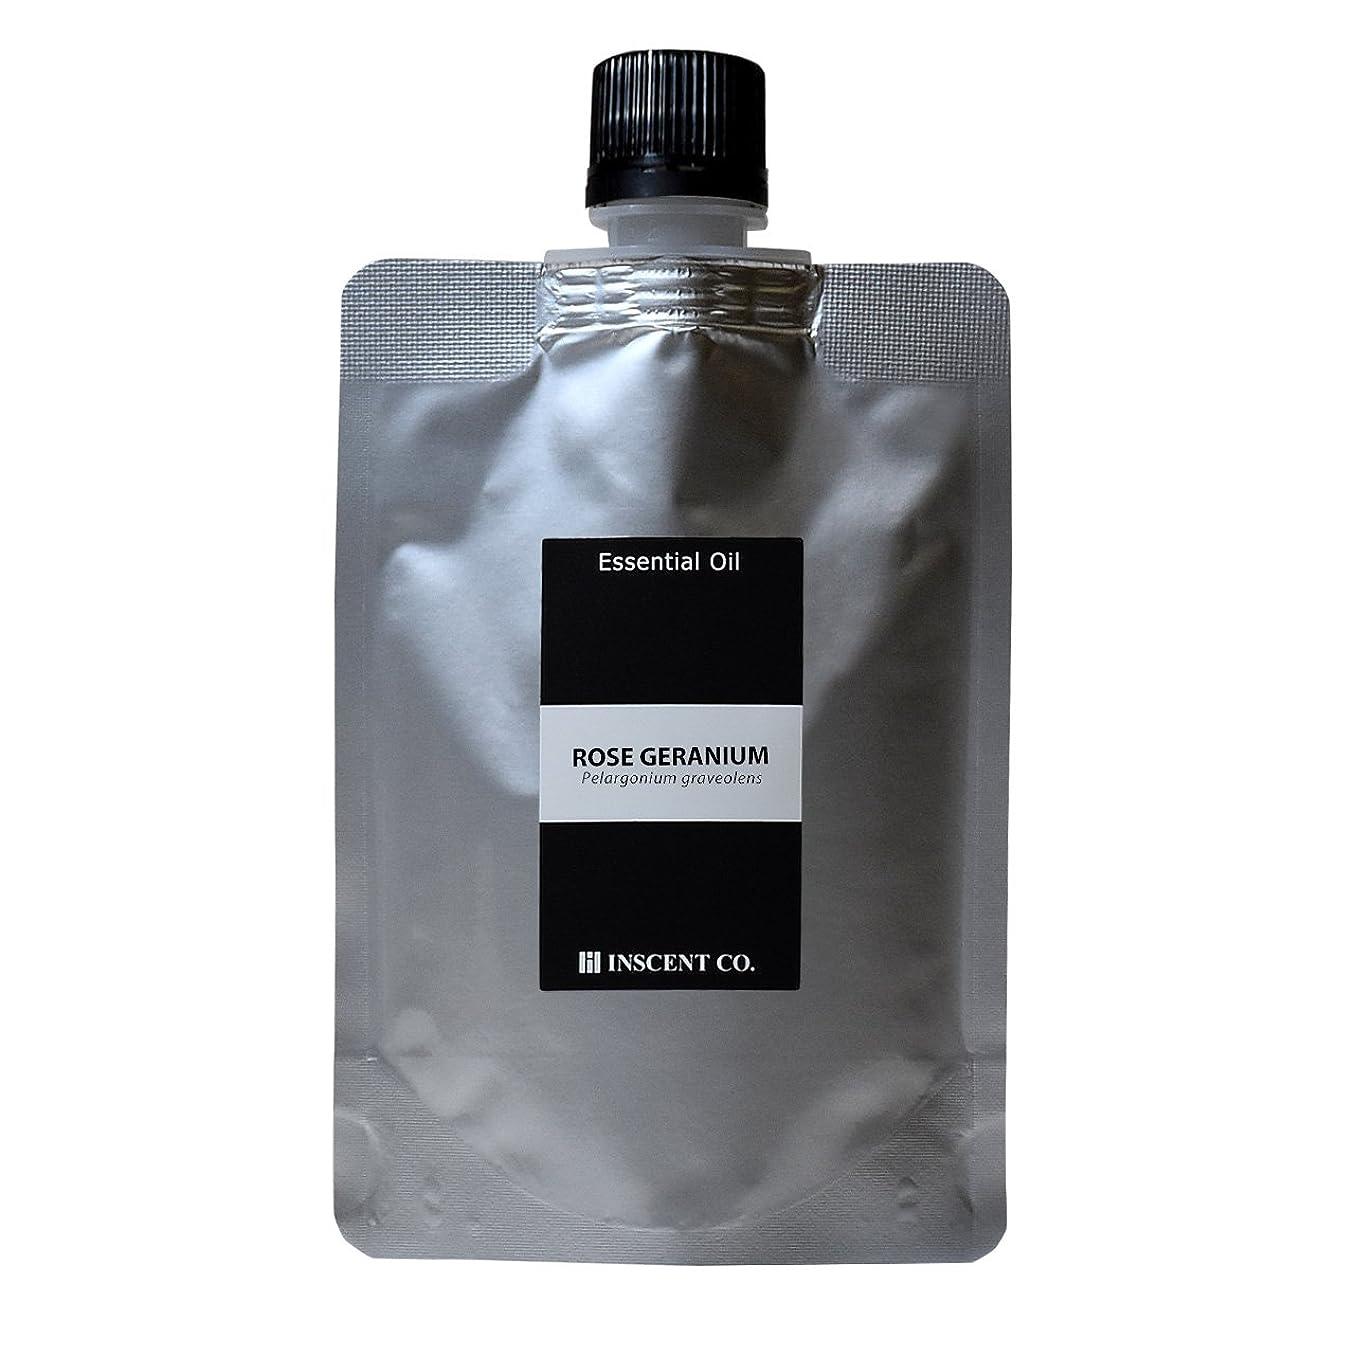 封建怒り豊富な(詰替用 アルミパック) ローズゼラニウム 50ml インセント アロマオイル AEAJ 表示基準適合認定精油